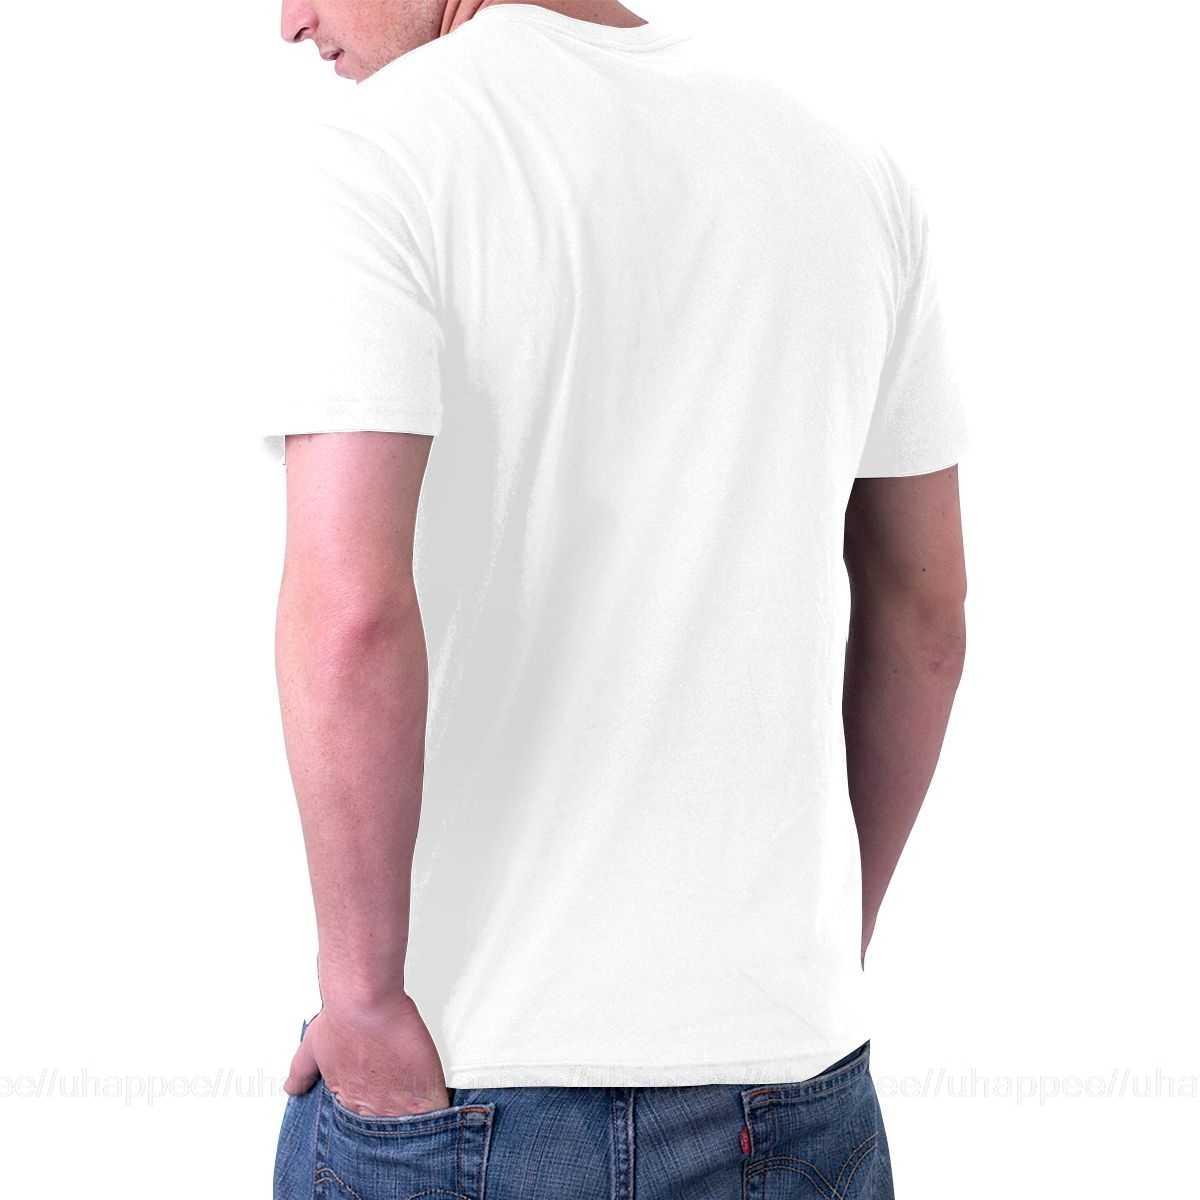 cccp shirts 50 th anniversary für licht t shirts familie 80s hip hop  t-shirt herren kurzarm günstige marken top bekleidung